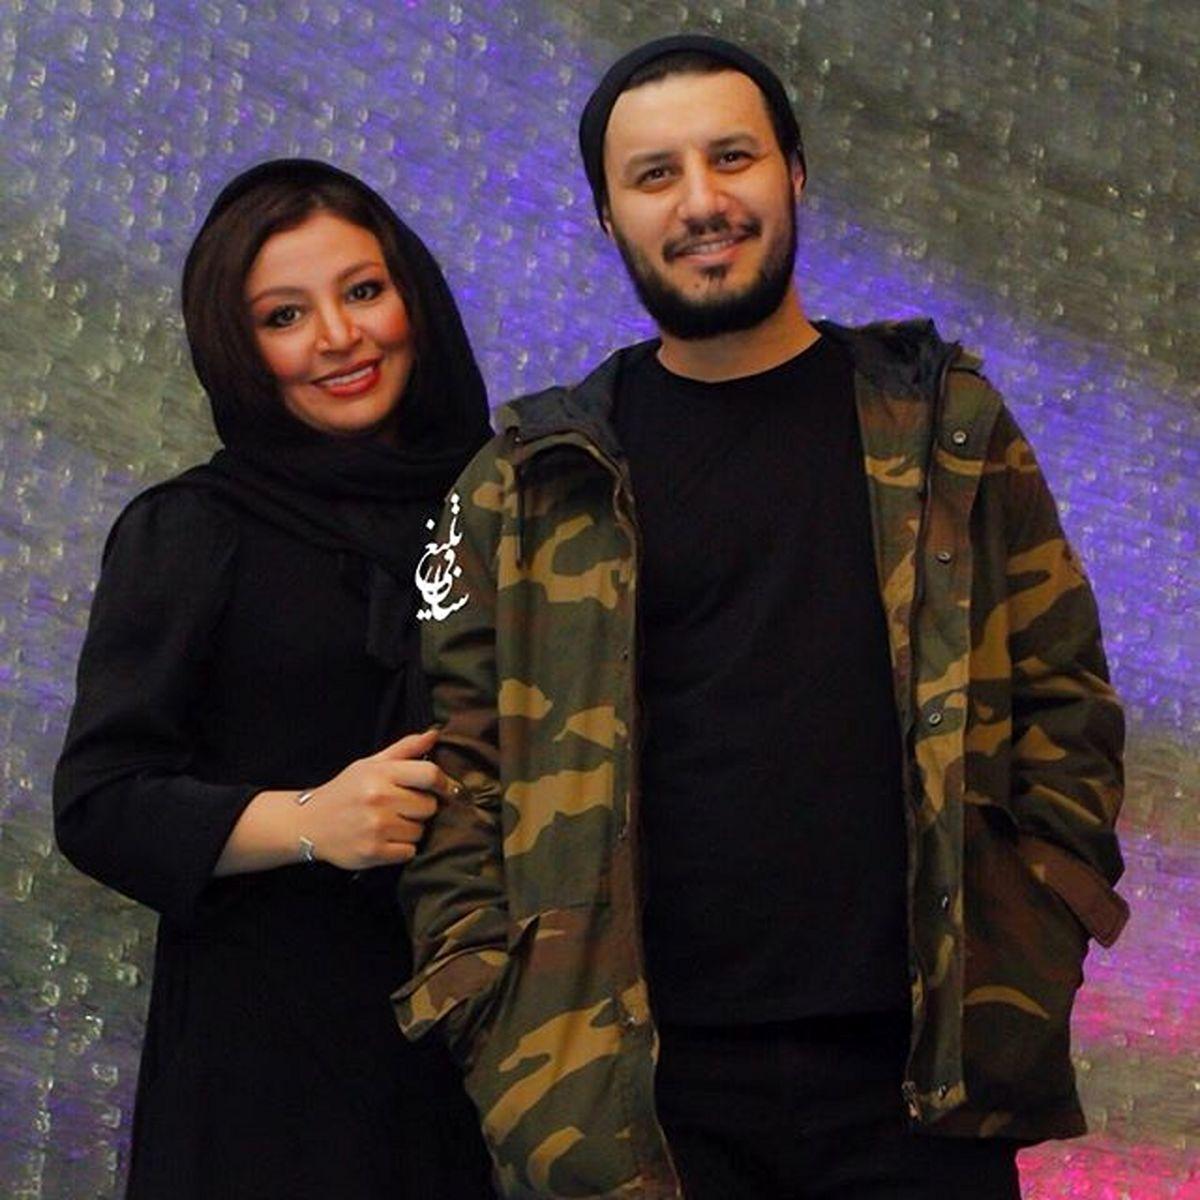 شوخی مهمان شهاب حسینی با جواد عزتی اینستاگرام را منفجر کرد + فیلم